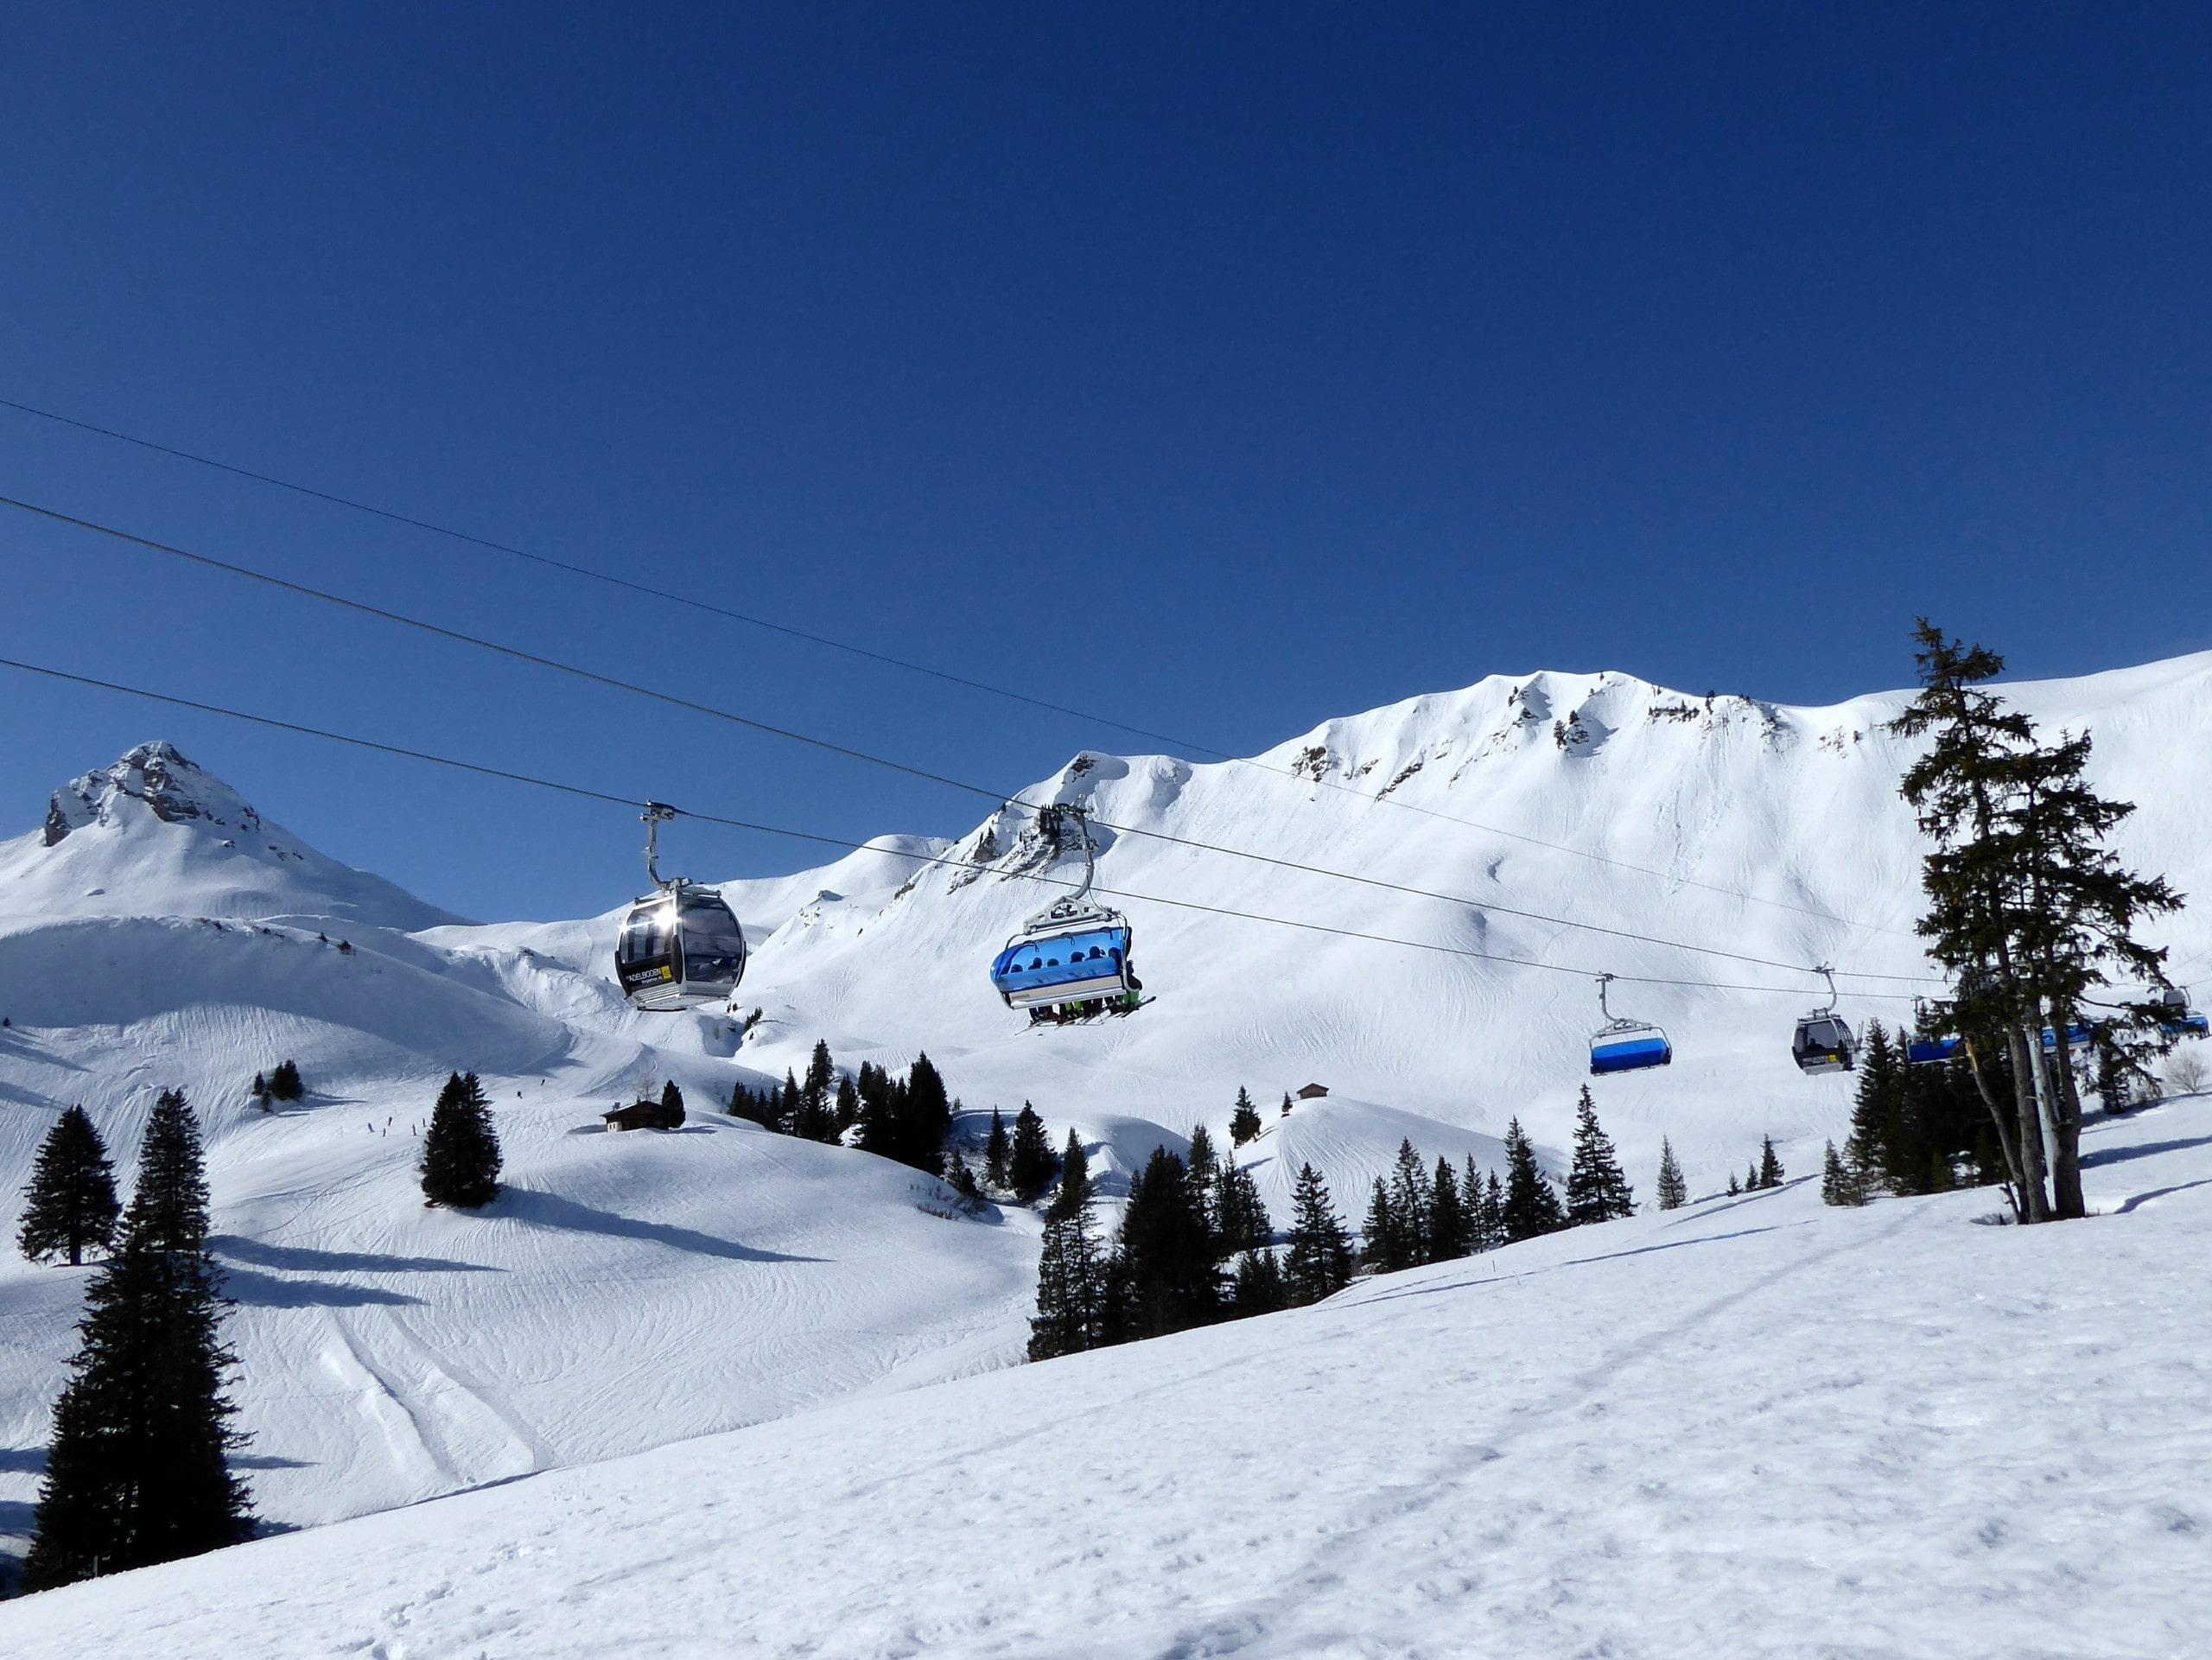 Ausblick auf die sonnige Berglandschaft beim Skifahren lernen mit den Skischulen in Adelboden.